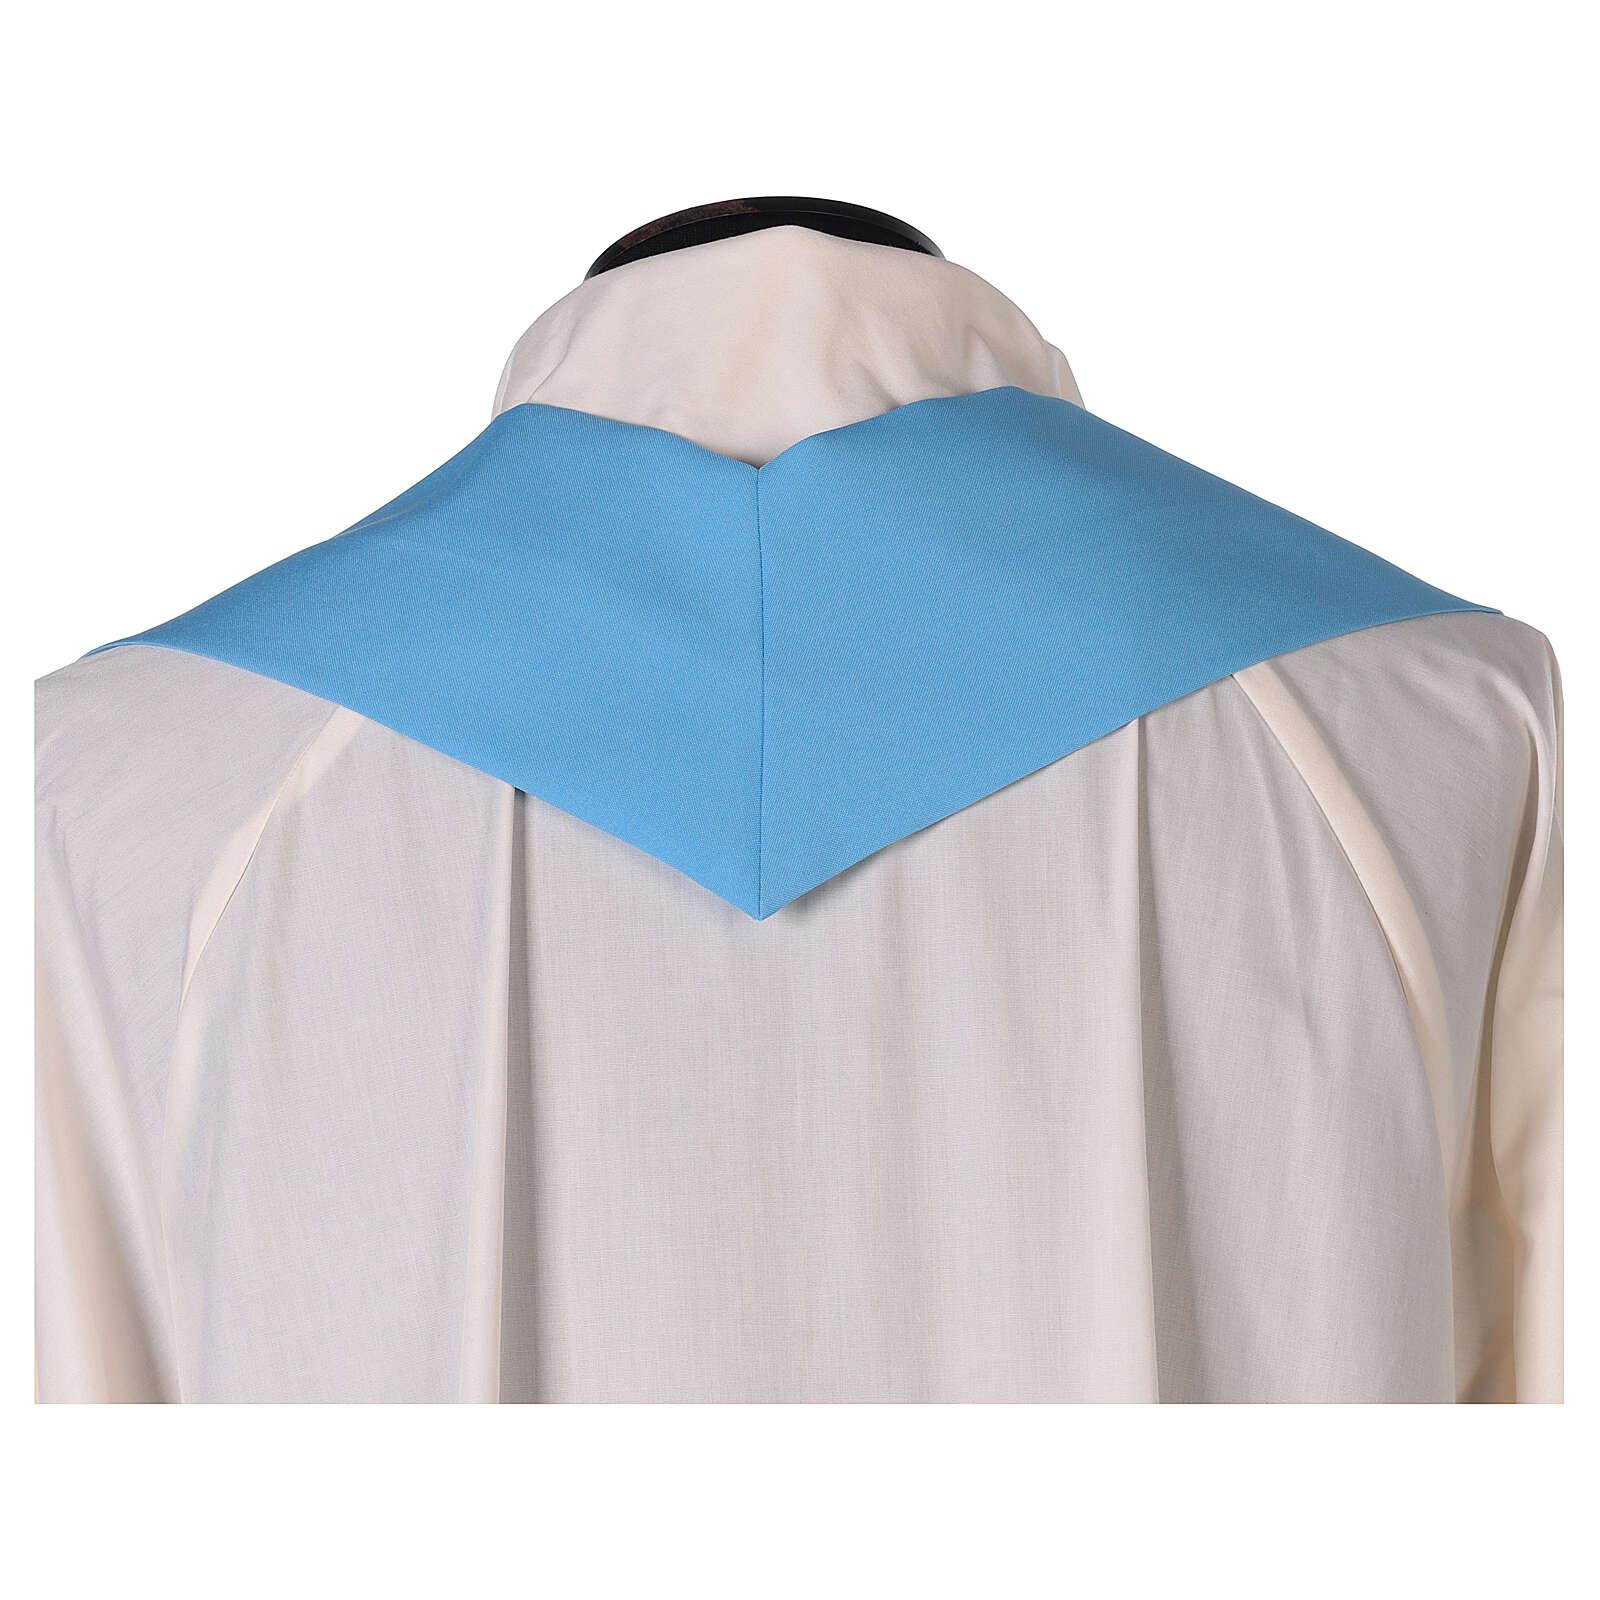 Casula unicolor azul 100% poliéster simples 4